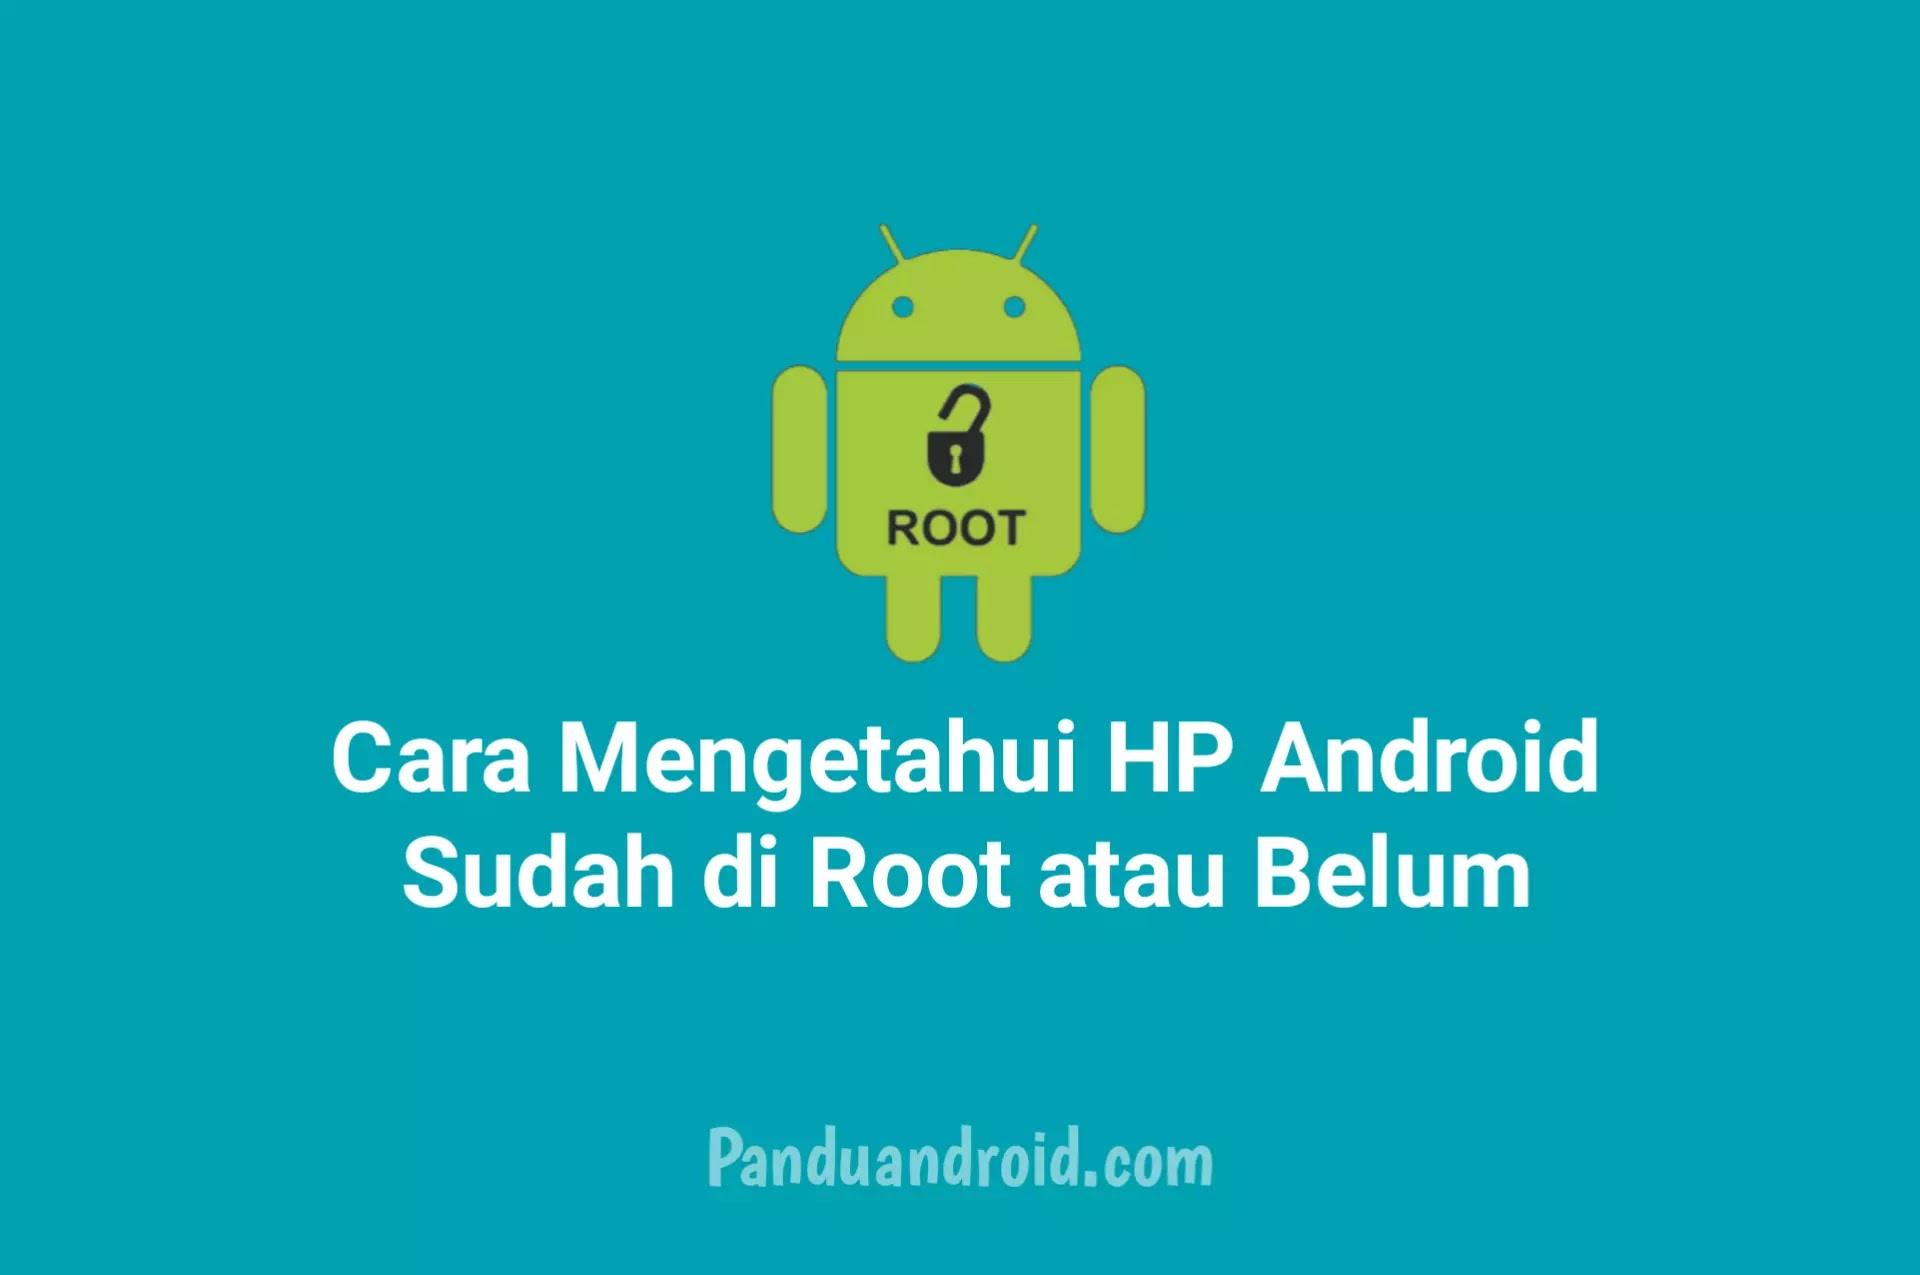 Cara Mengetahui HP Android apakah Sudah di Root atau Belum